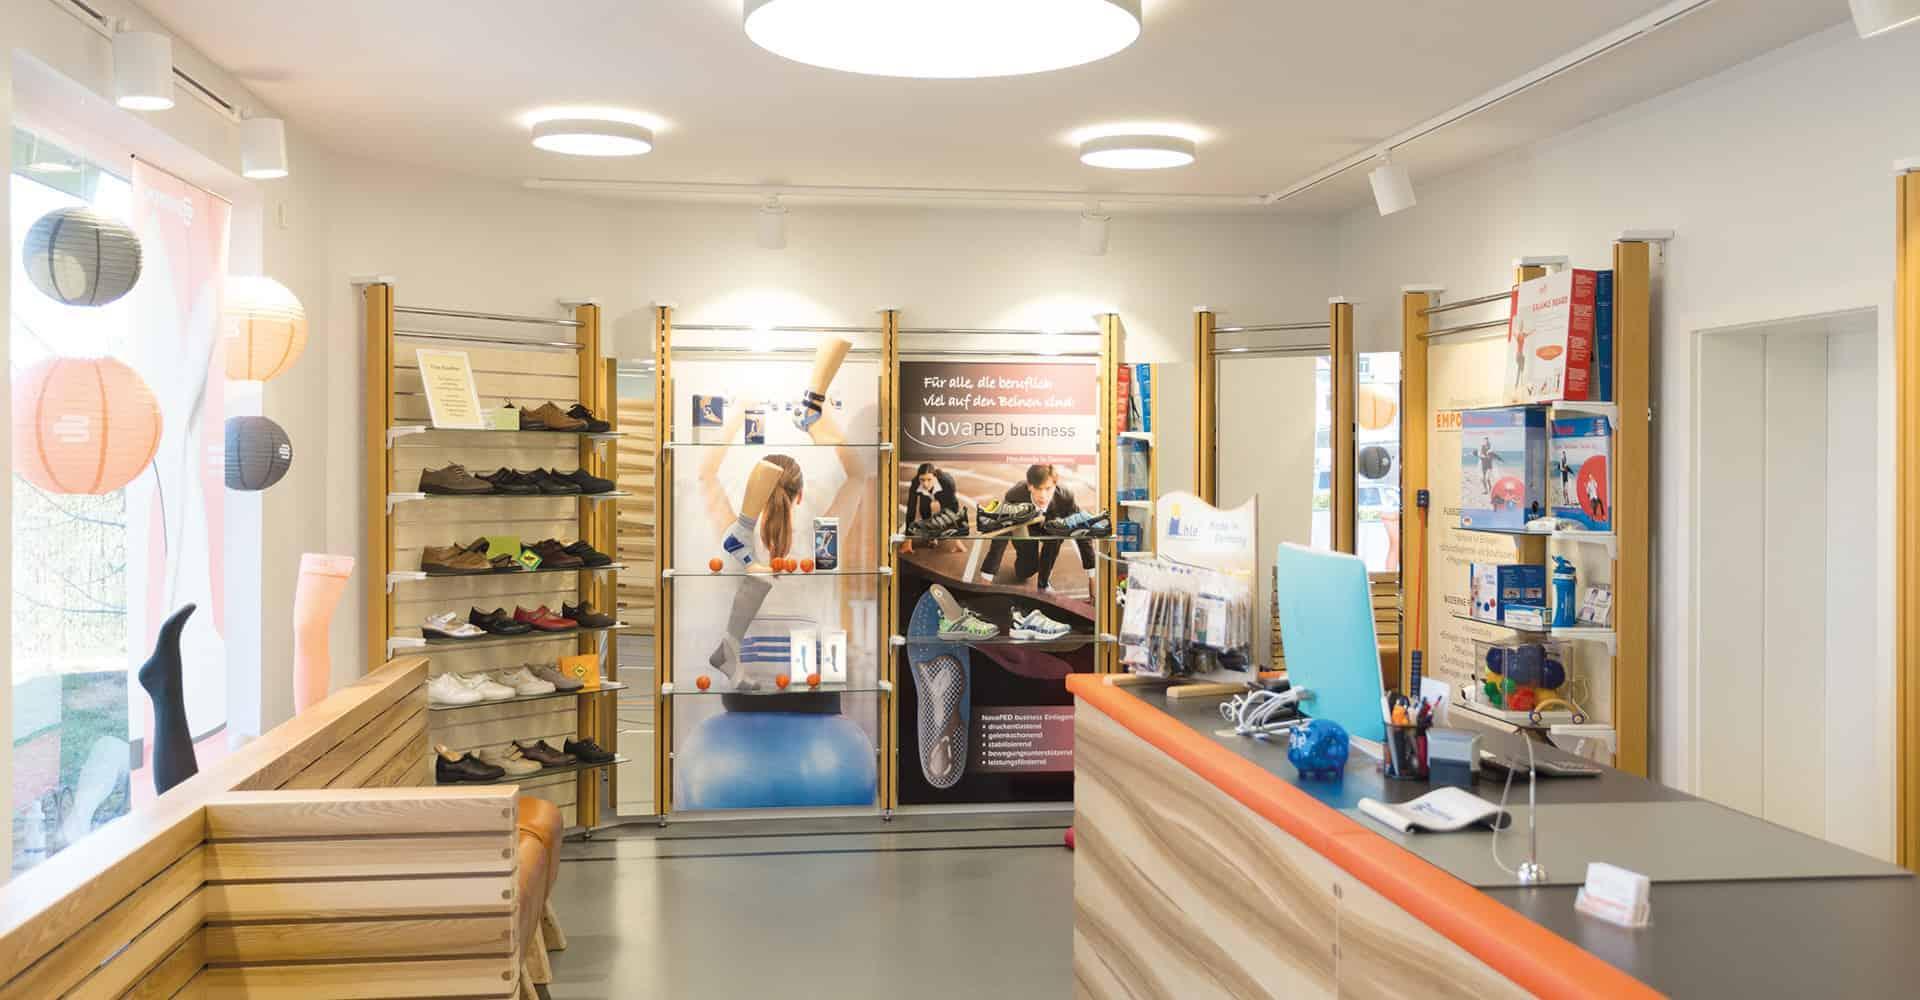 EMPOR LAUBEGAST DRESDEN | AUSGEWÖHNLICHES LADENKONZEPT IN DRESDEN | Konzeption und Umsetzung eines individuelen Ladengeschäftes für Orthopädische Schuhtechnik.